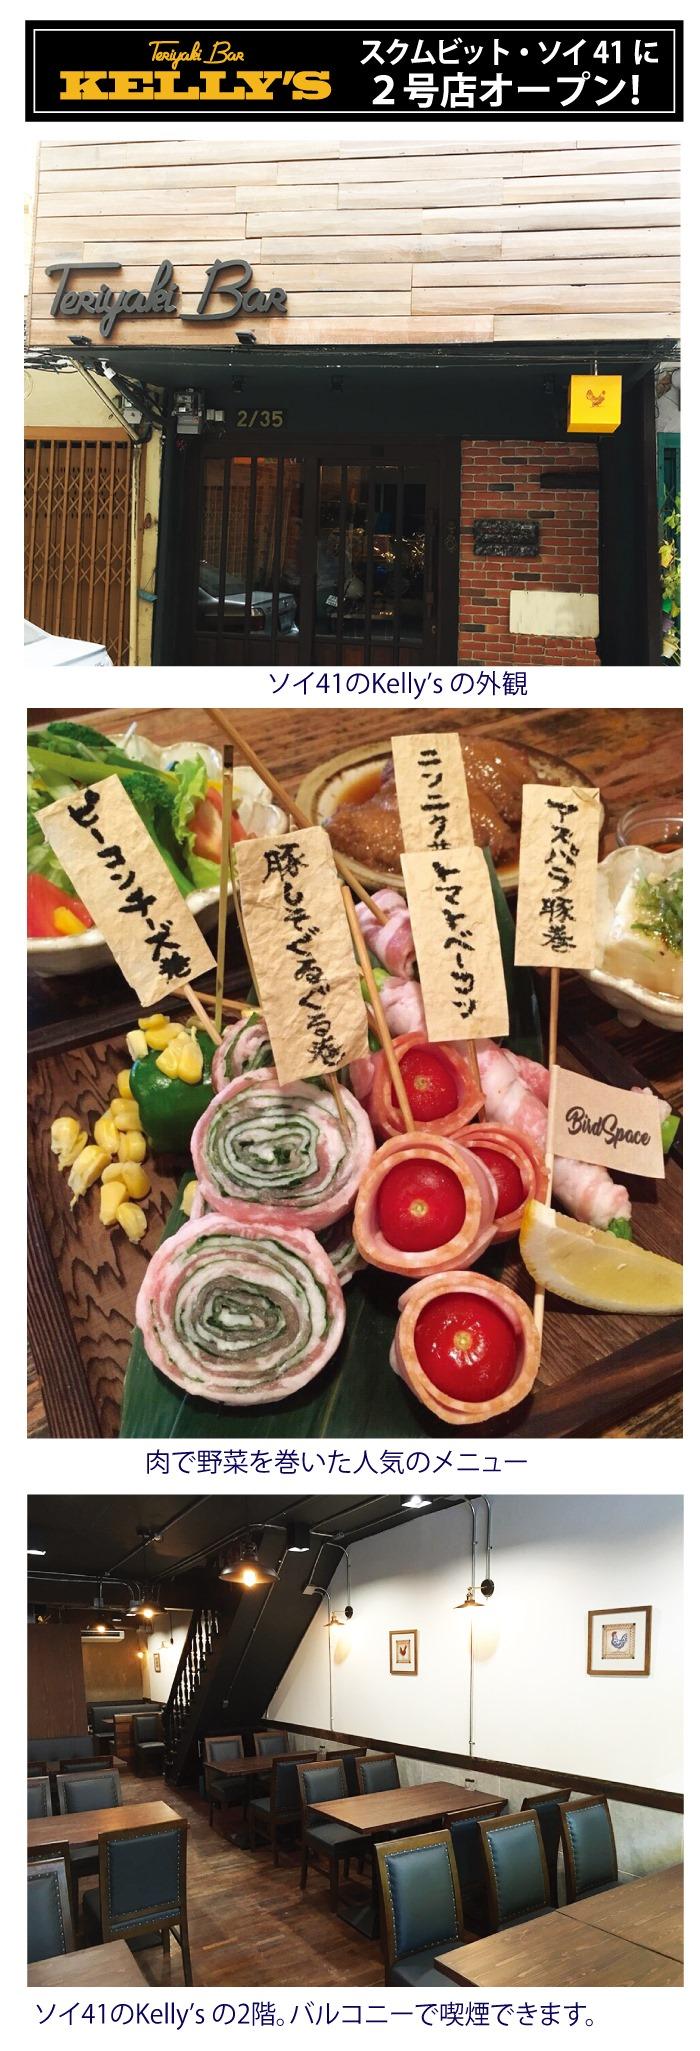 スクムビット・ソイ41に「テリヤキバー・ケリーズ」2号店オープン!